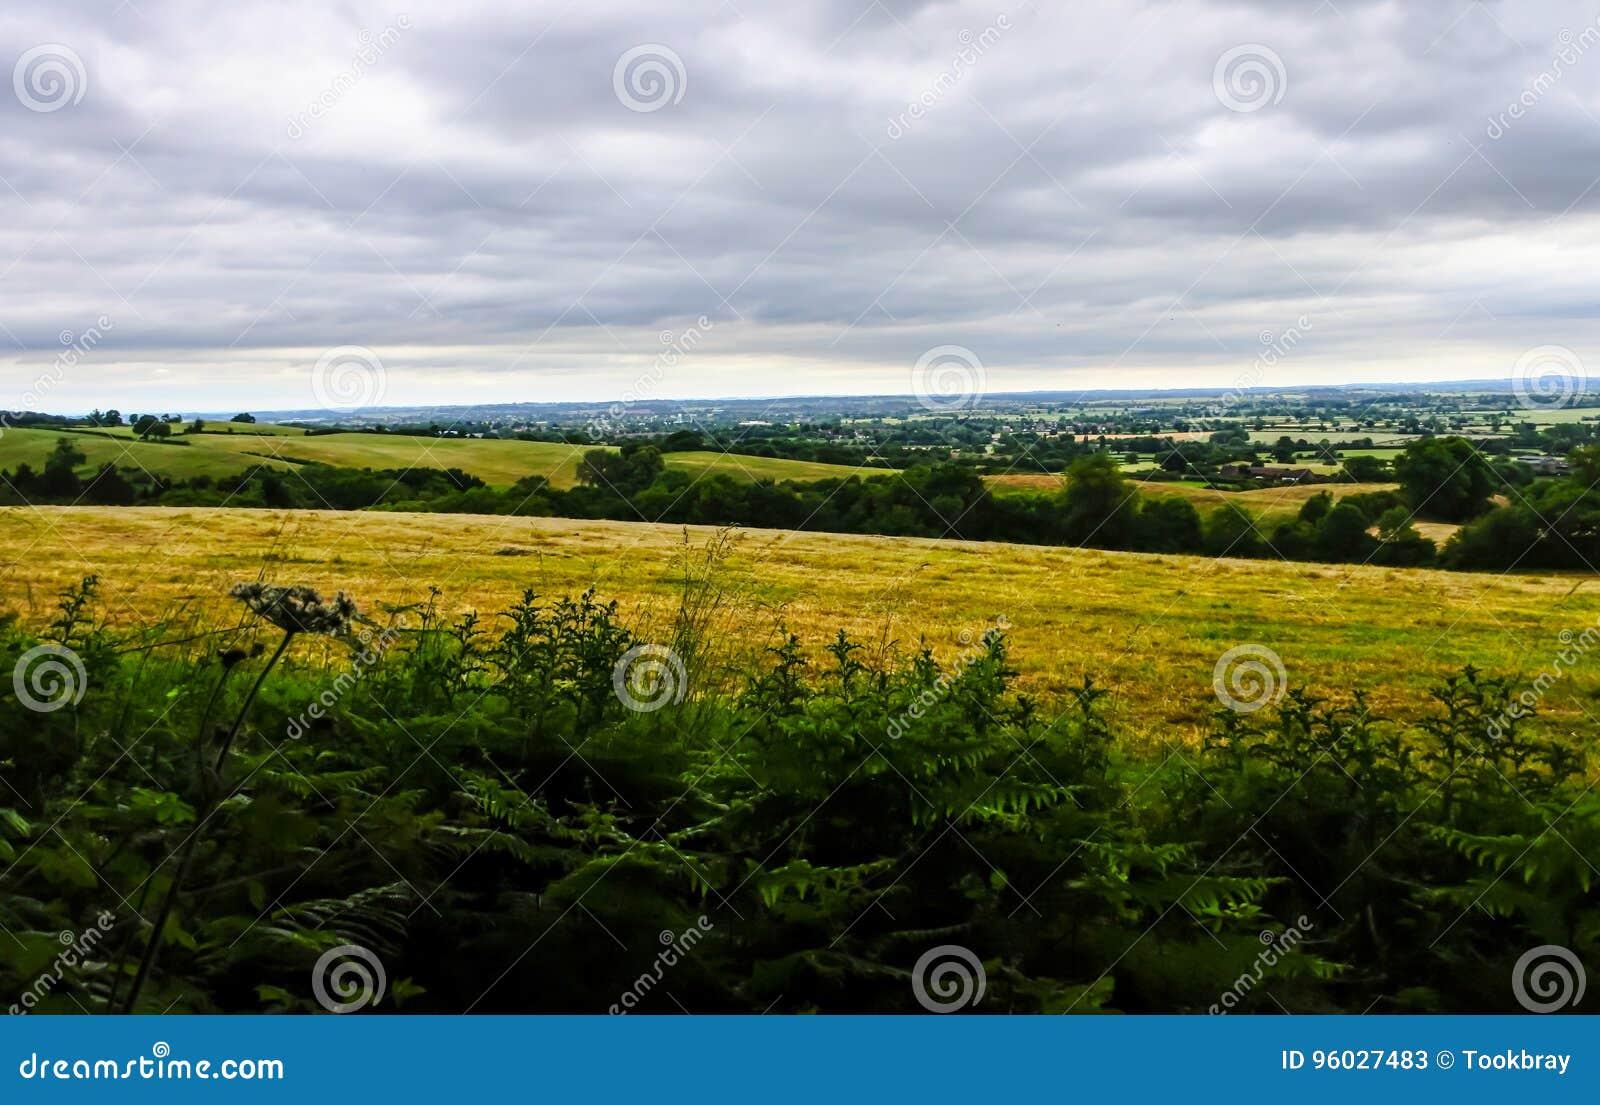 Zielony widok od odgórnego wzgórza